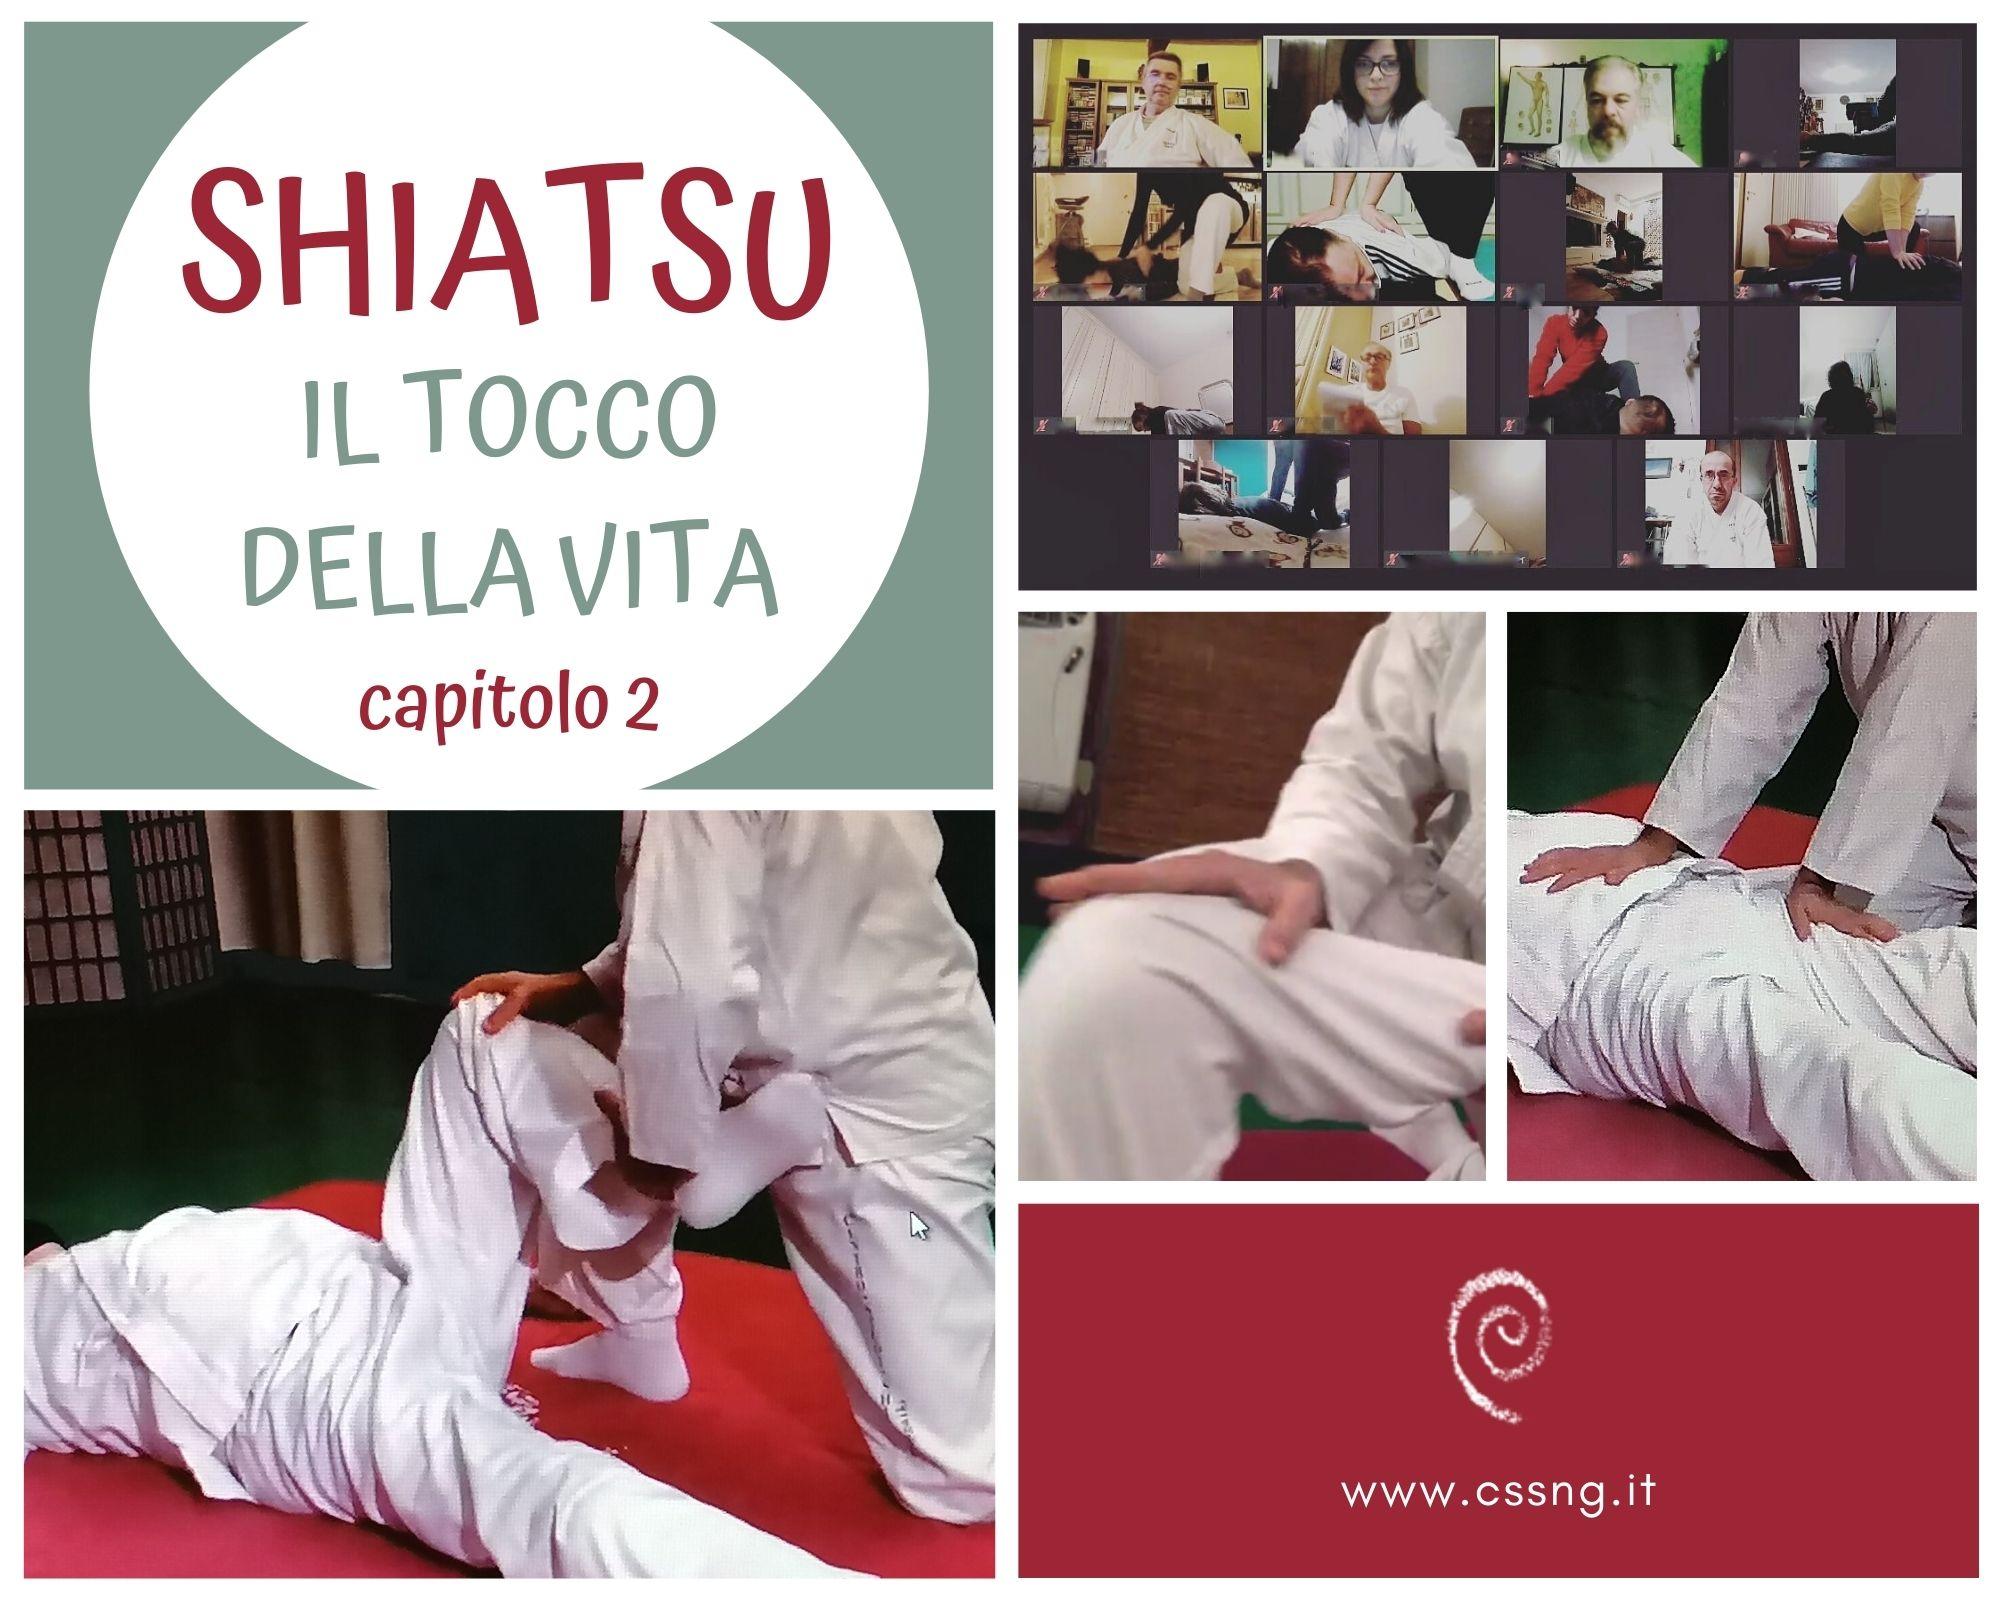 Stimoli - Shiatsu il tocco della vita - lezioni online